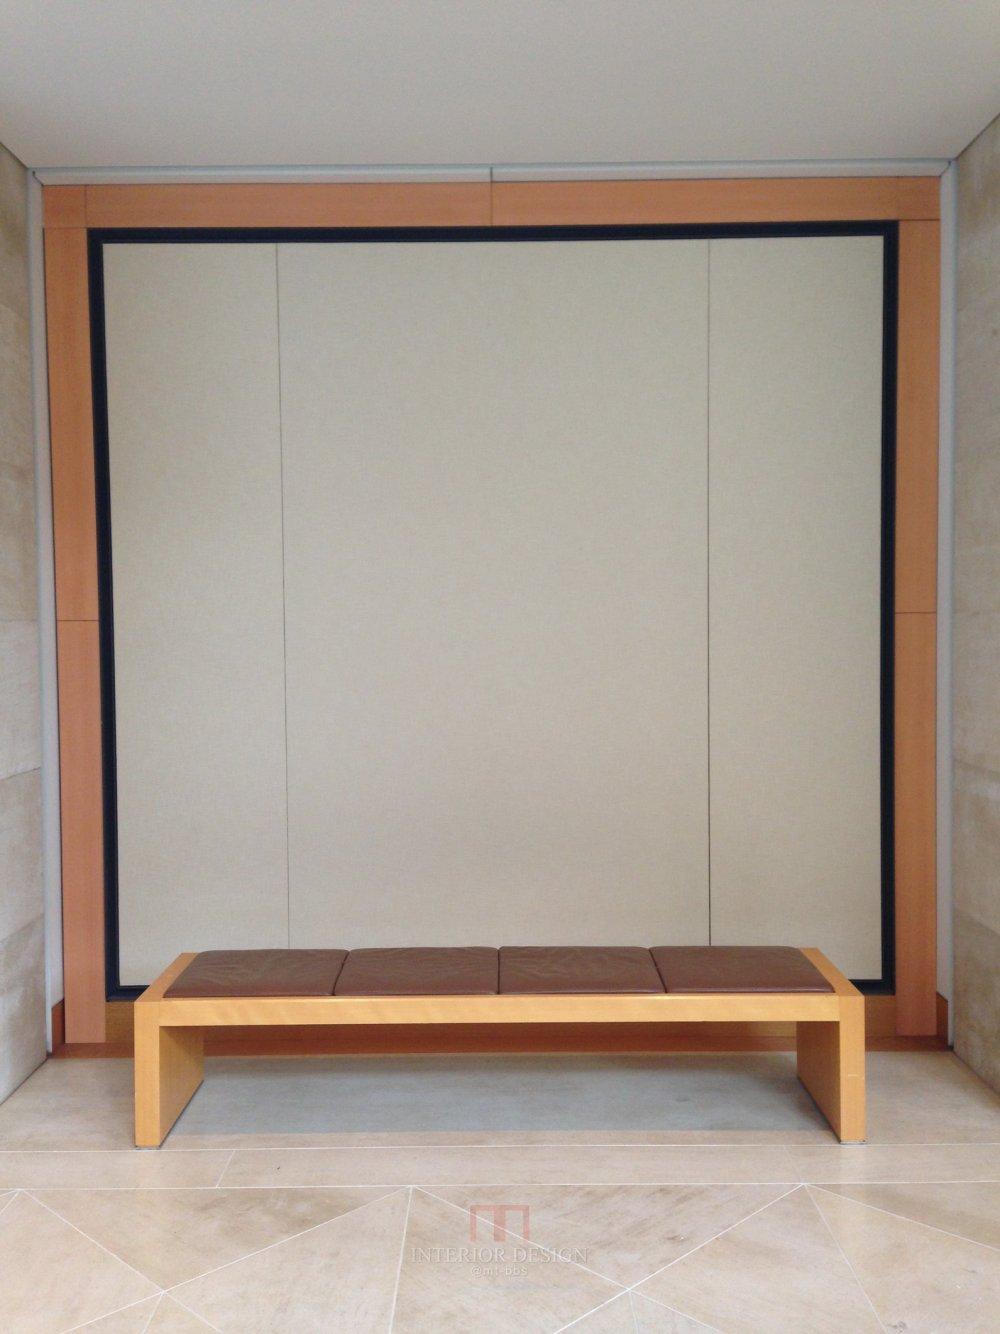 日本美秀美术馆MIHO MUSEUM自拍分享-贝聿铭_IMG_7257.JPG